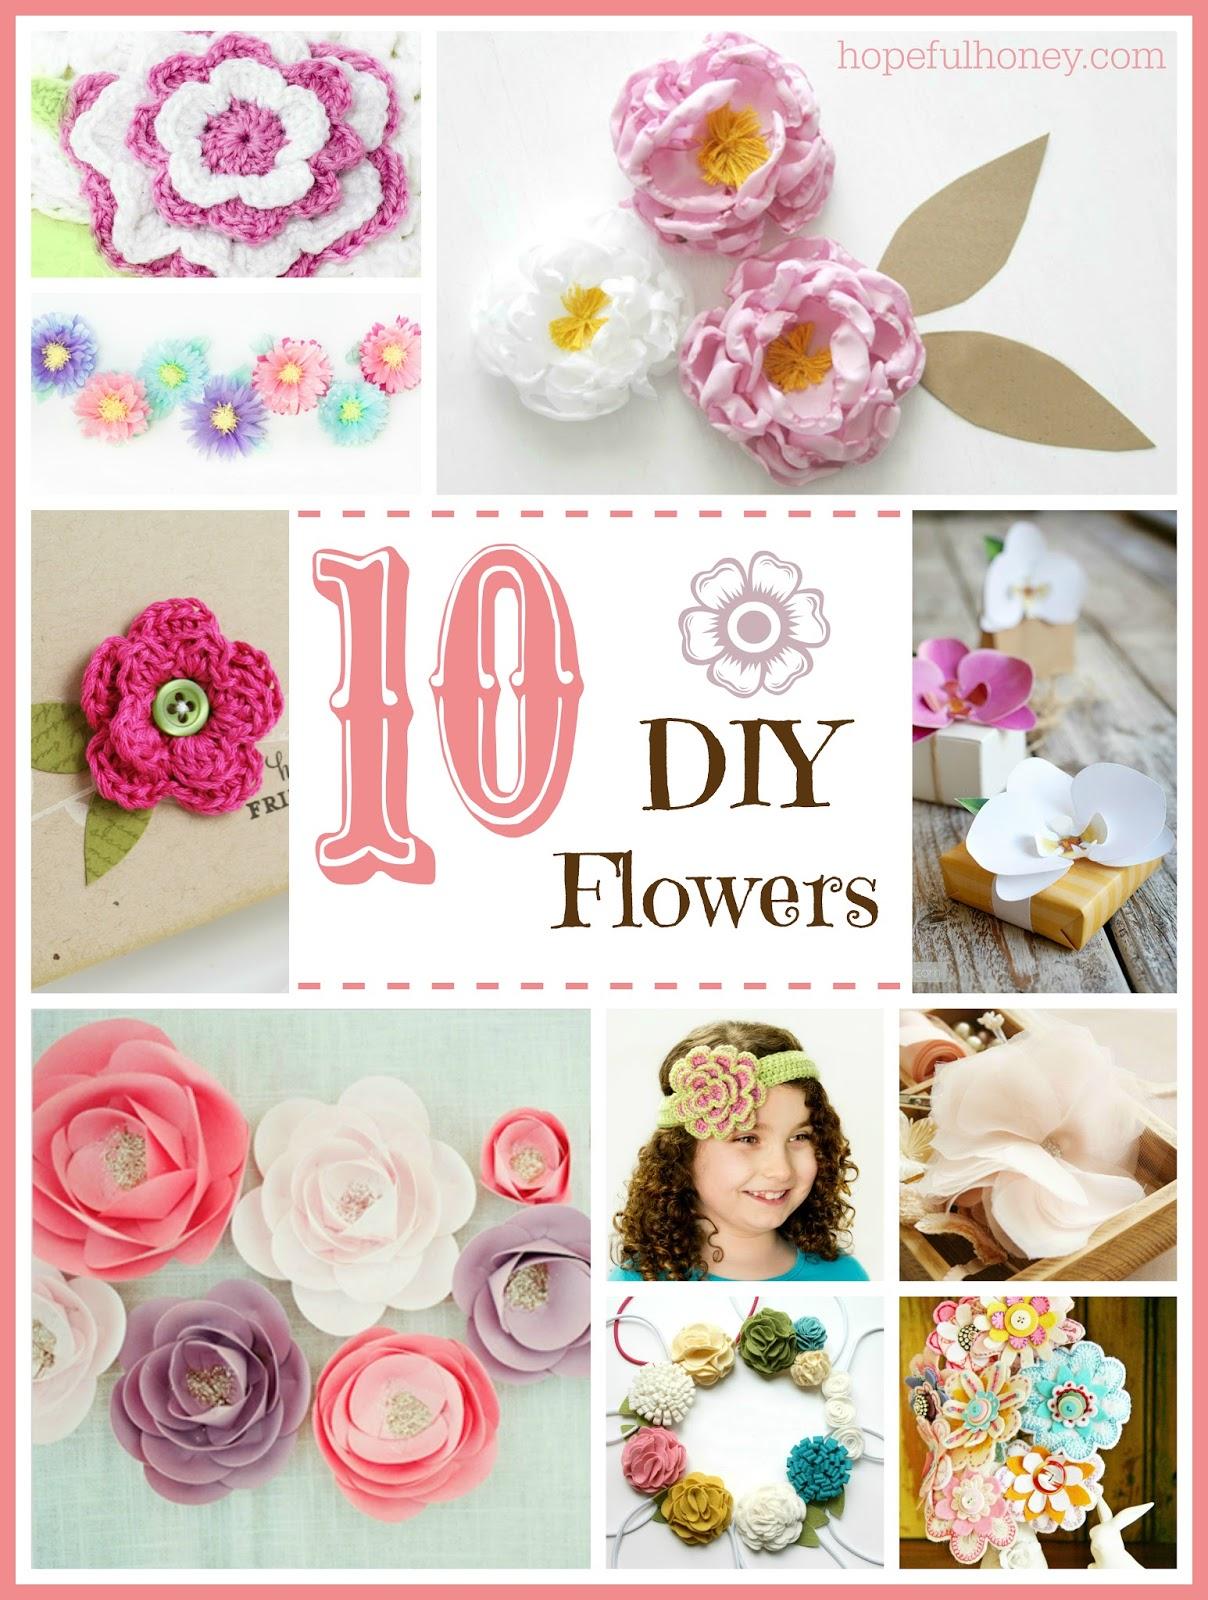 http://4.bp.blogspot.com/-P65QBNOZWAc/U0Ze6SbcW6I/AAAAAAAAIjM/3URAk51NweE/s1600/10+Beautiful+DIY+Flowers+1.jpg